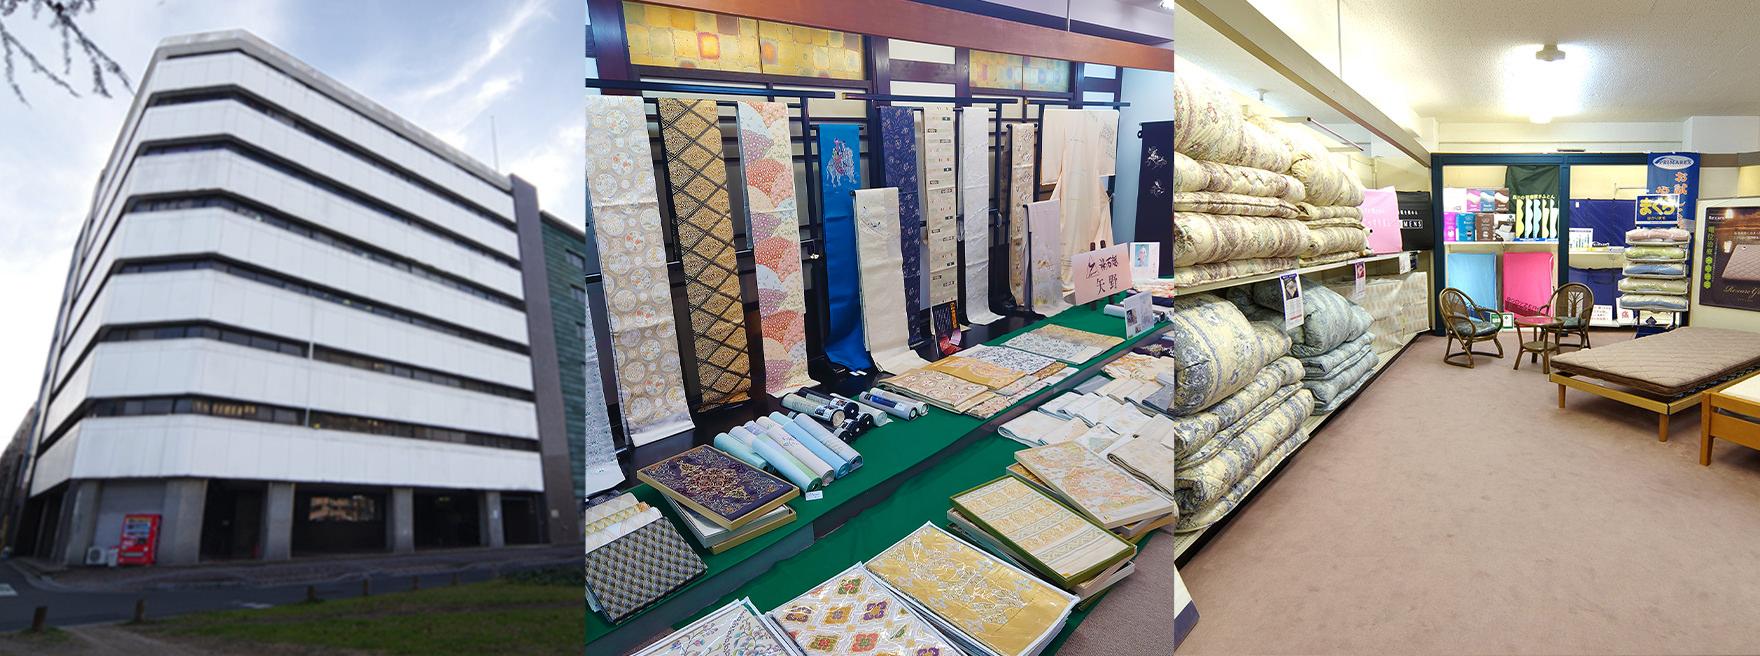 広県繊は全国唯一の組合組織による繊維製品総合卸です。